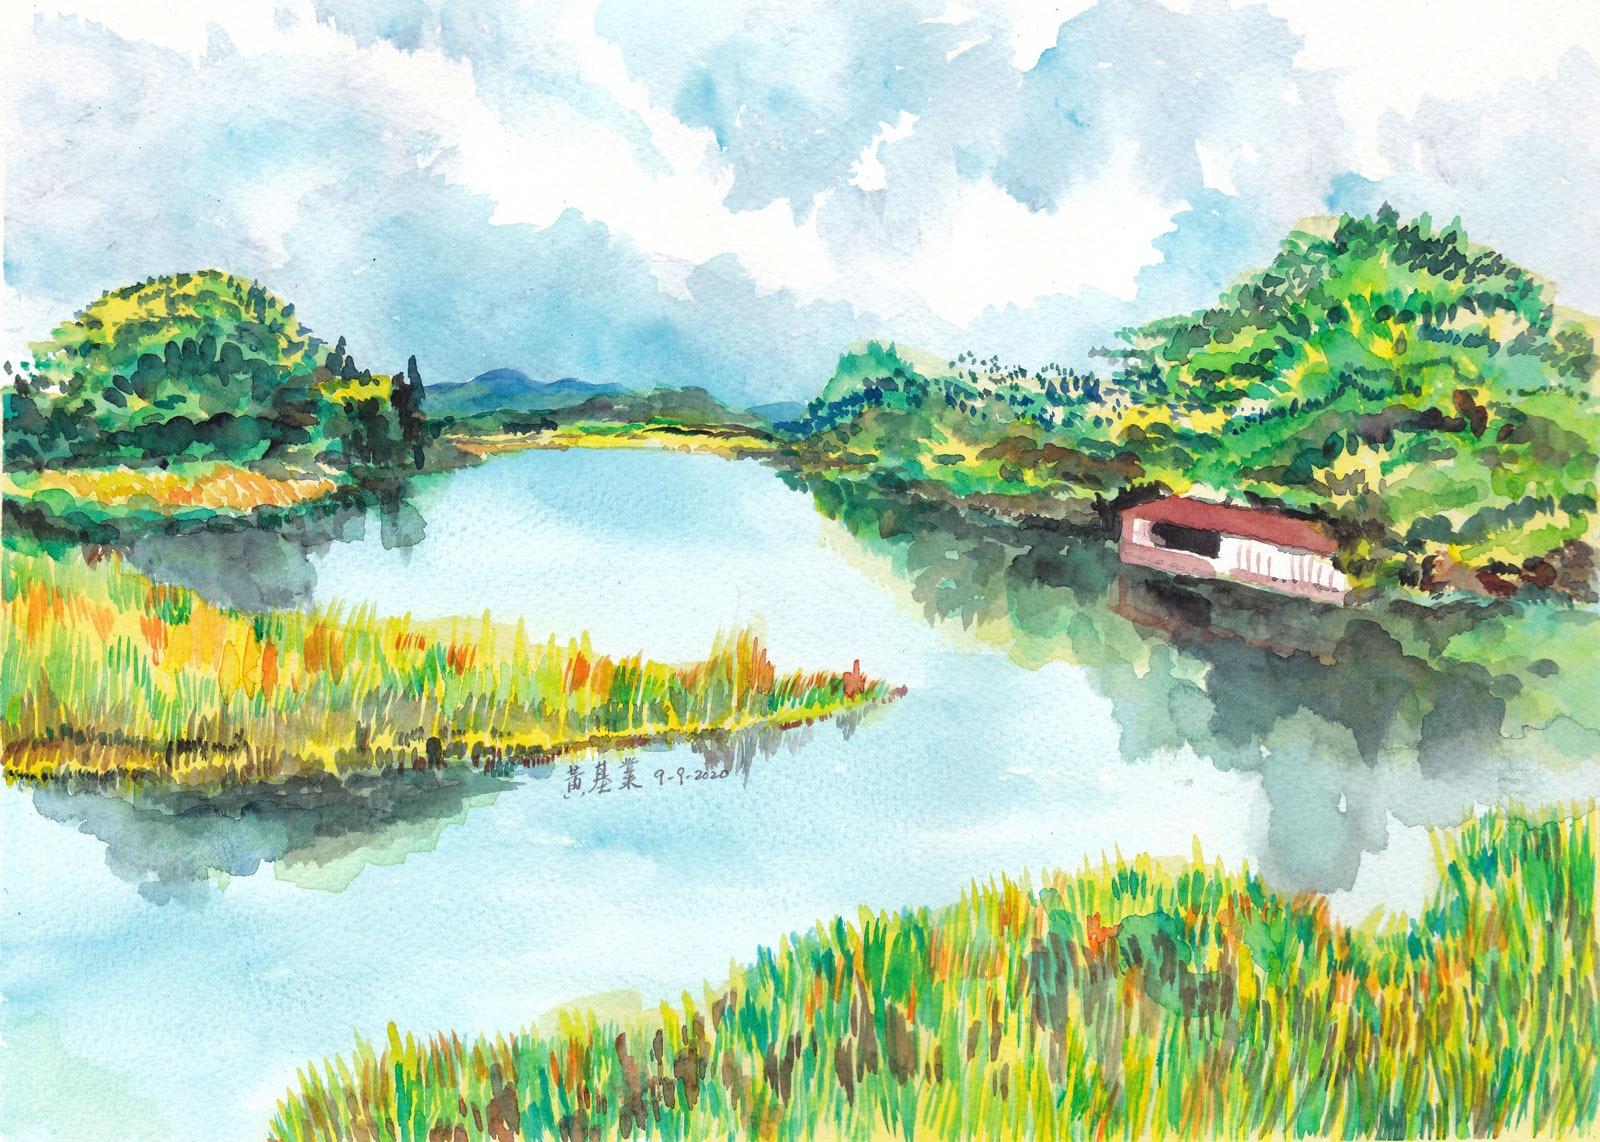 《羅湖魚塘2》(課堂示範)水彩 38.5cm x 29.4cm 9-9-2020